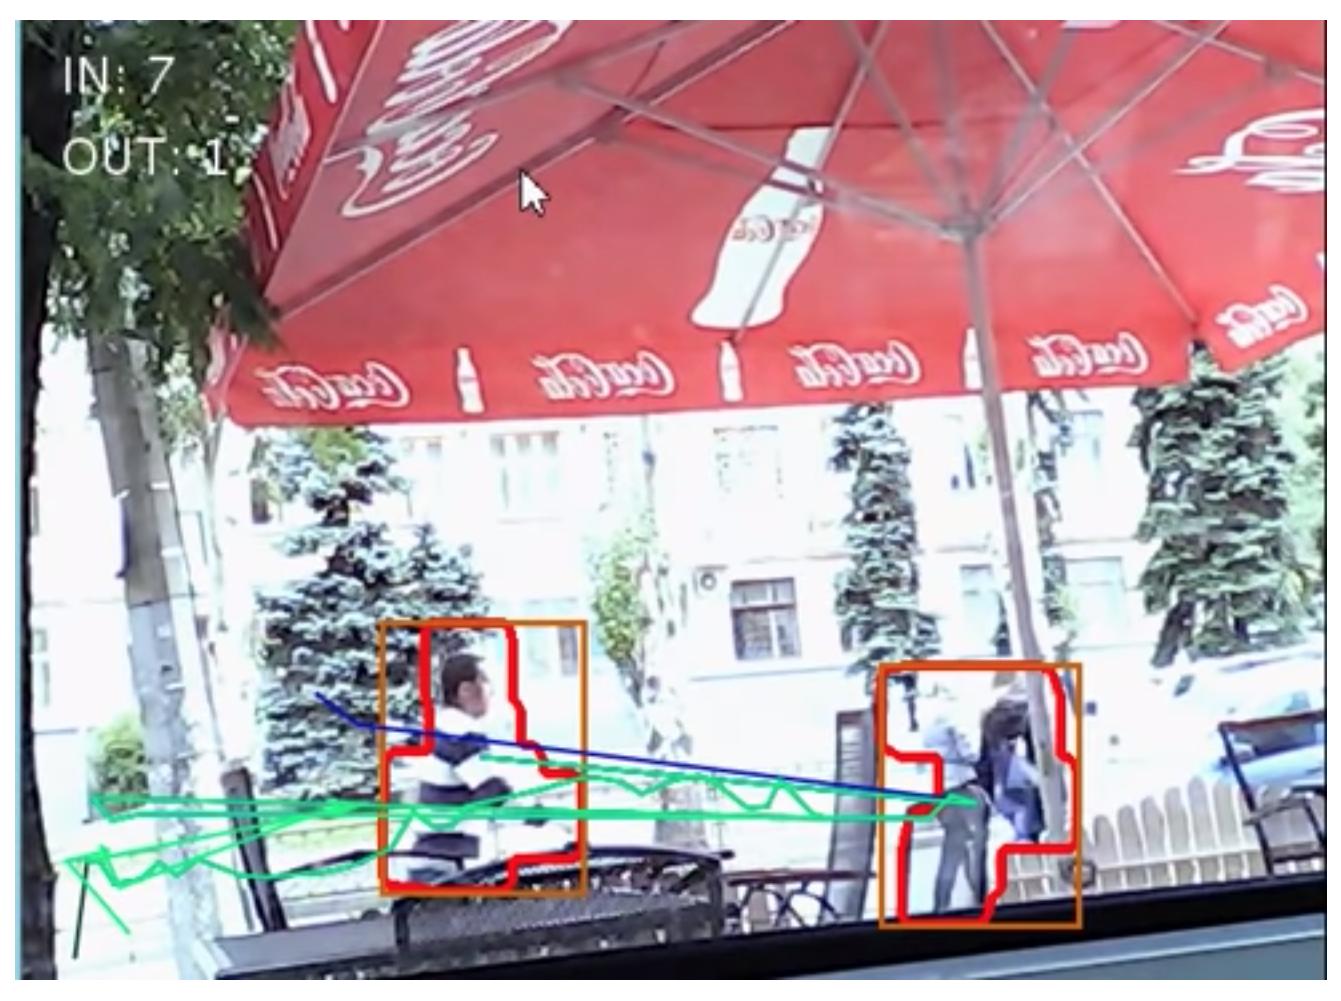 Ttracking pedestrians screenshot